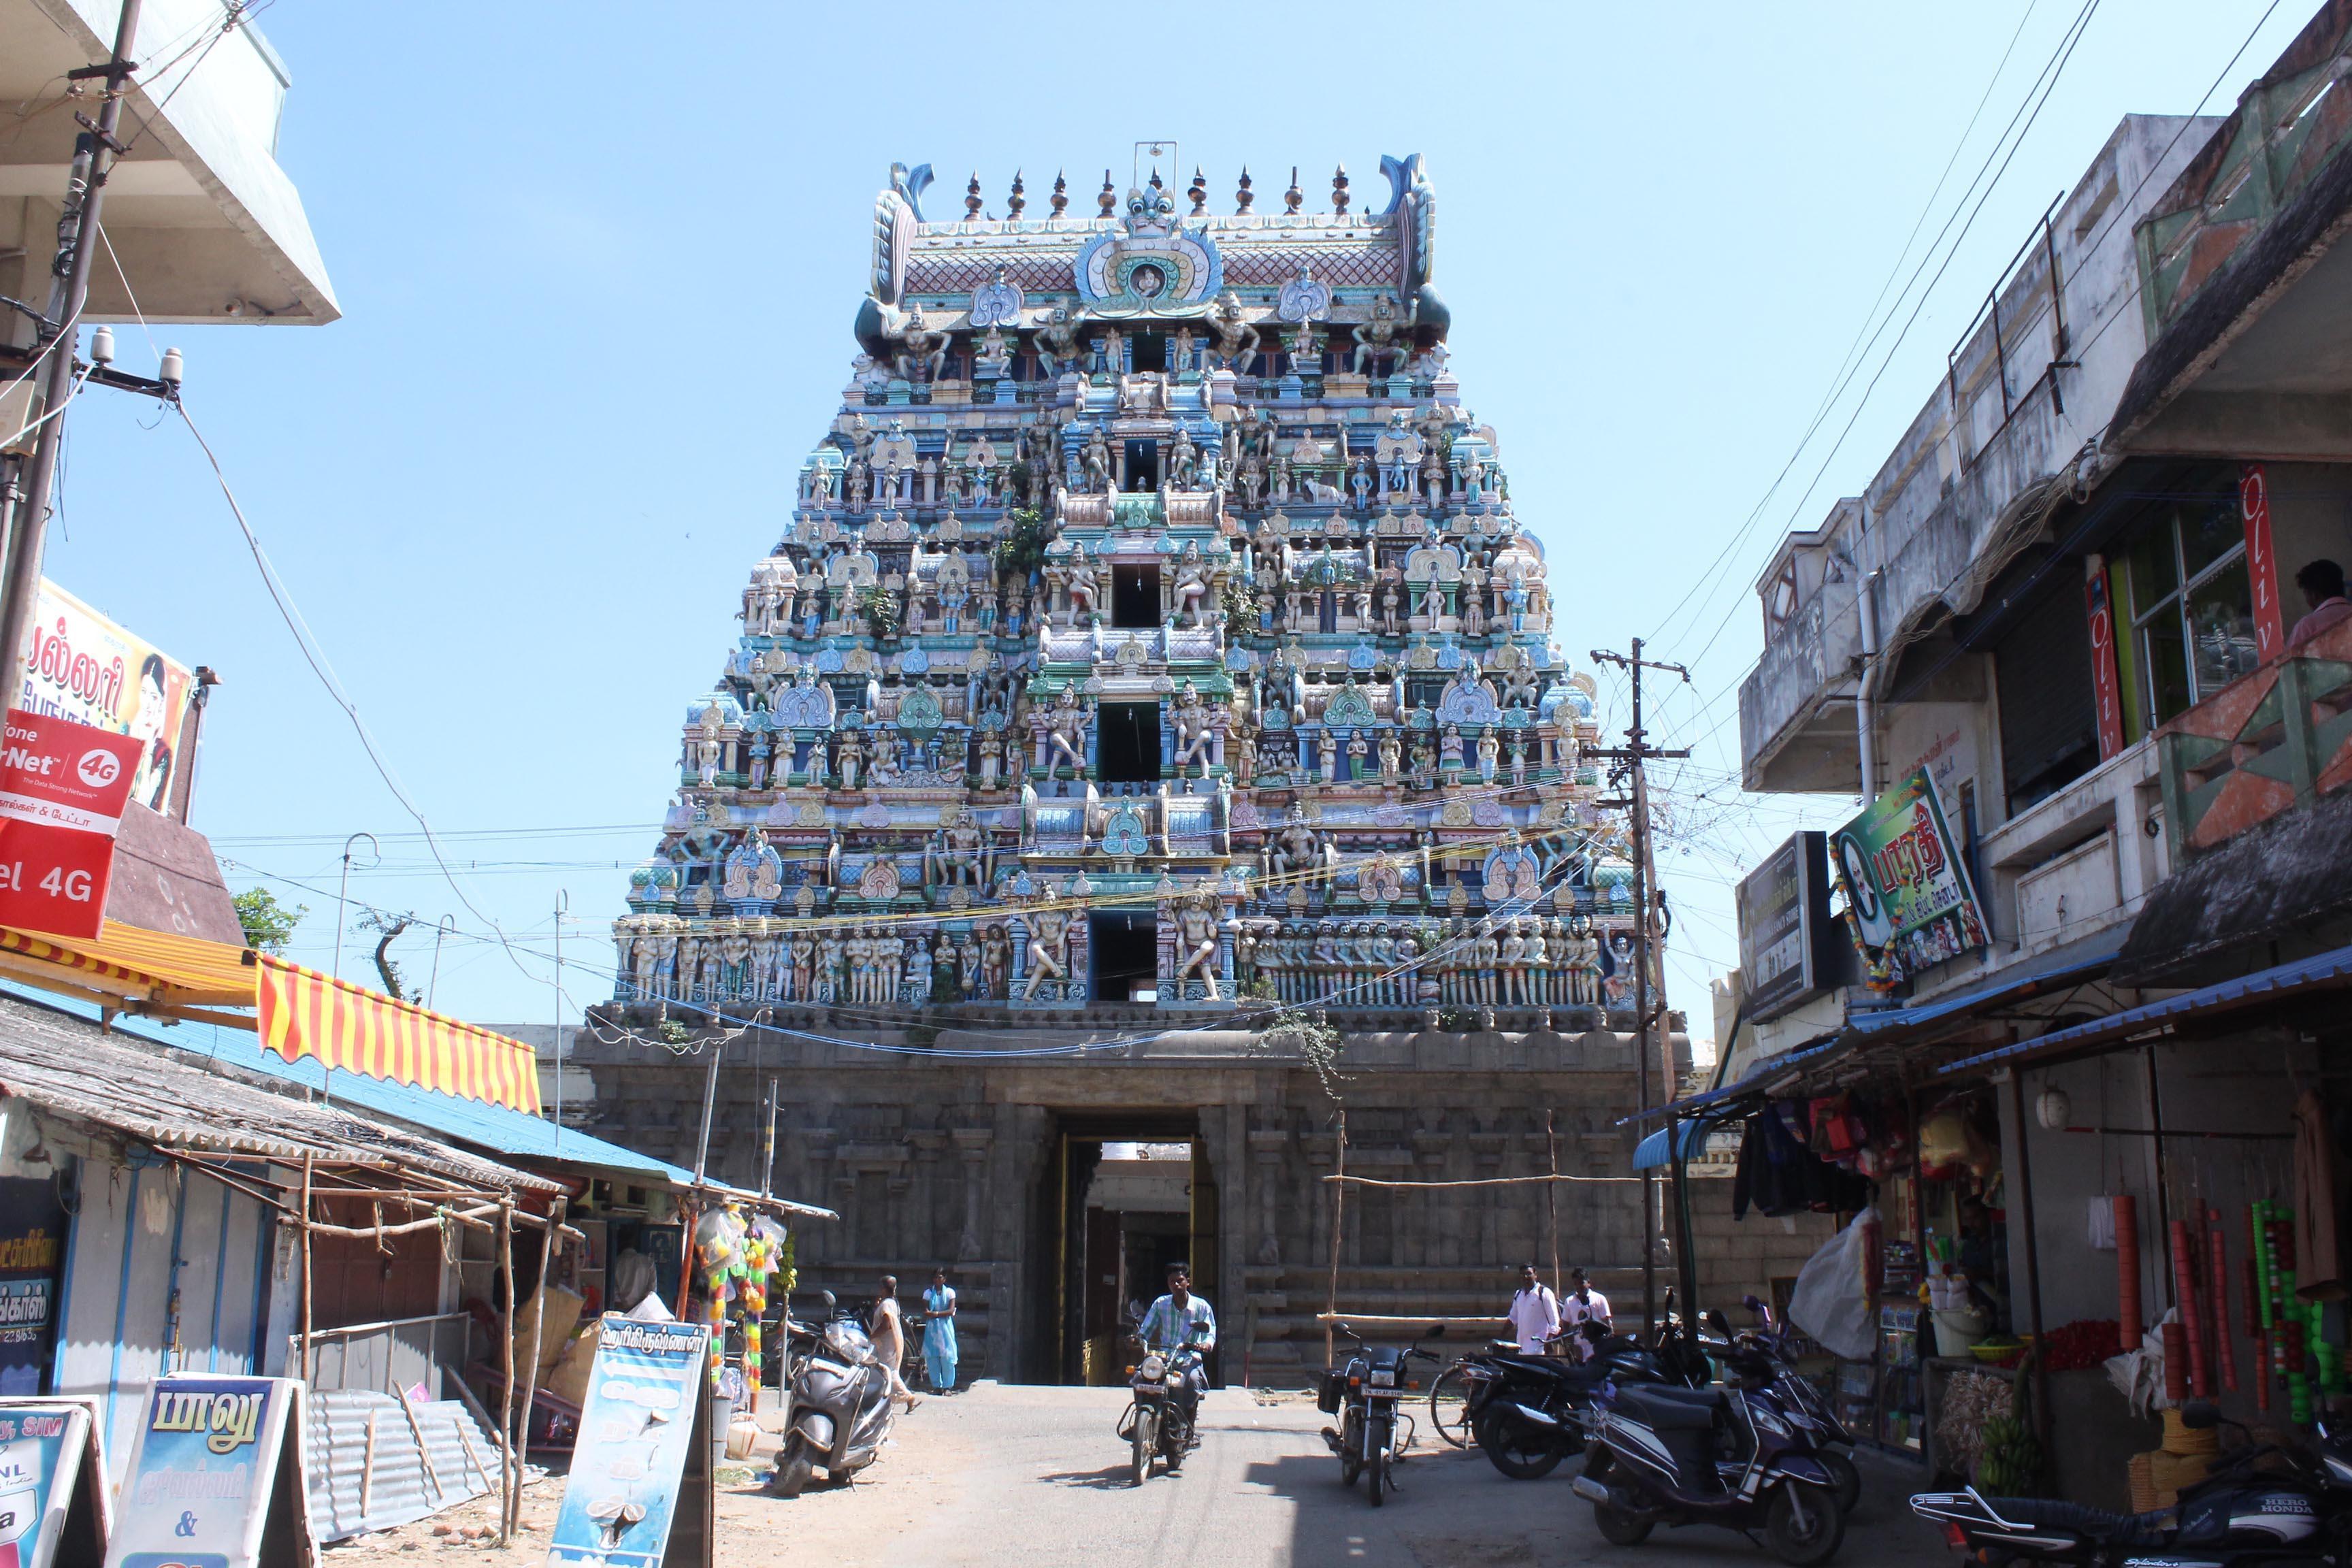 வேதாரண்யேஸ்வரர் கோயிலில் பக்தர்கள்